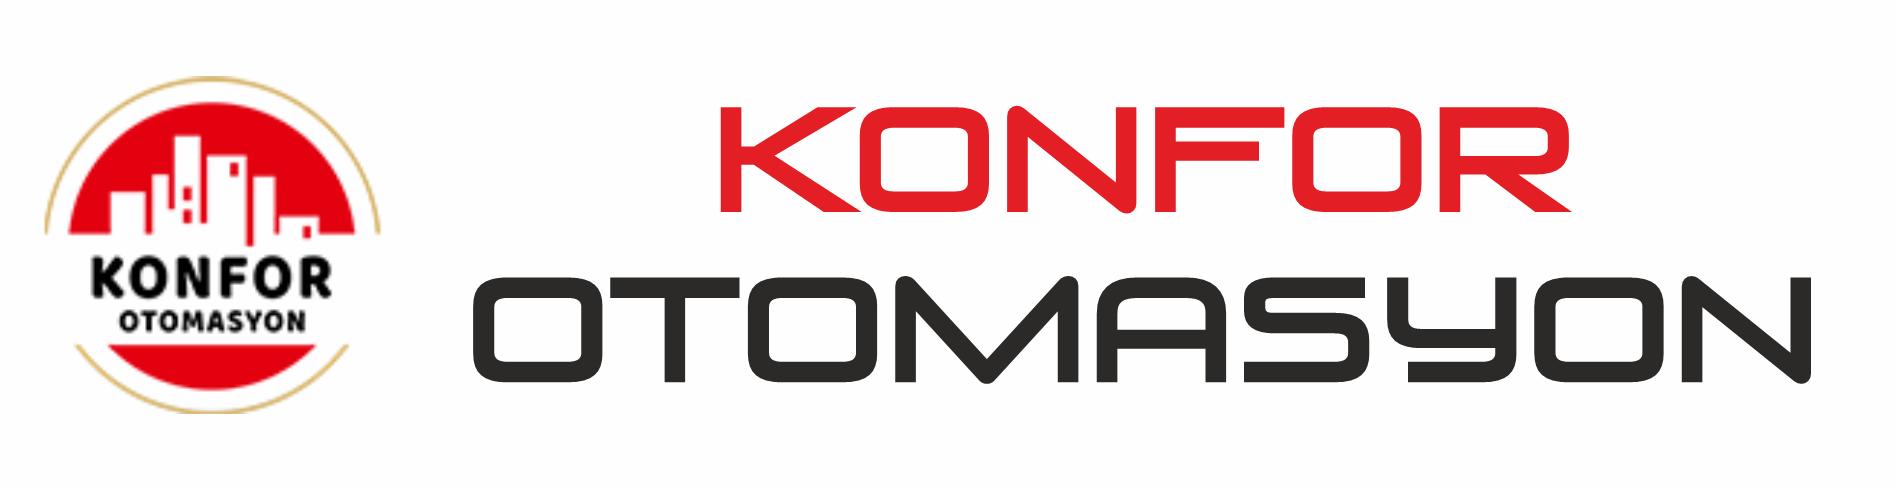 Konfor Otomasyon Otomatik Kapı | Bariyer Sistemleri | Güvenlik Kamerası Sistemleri